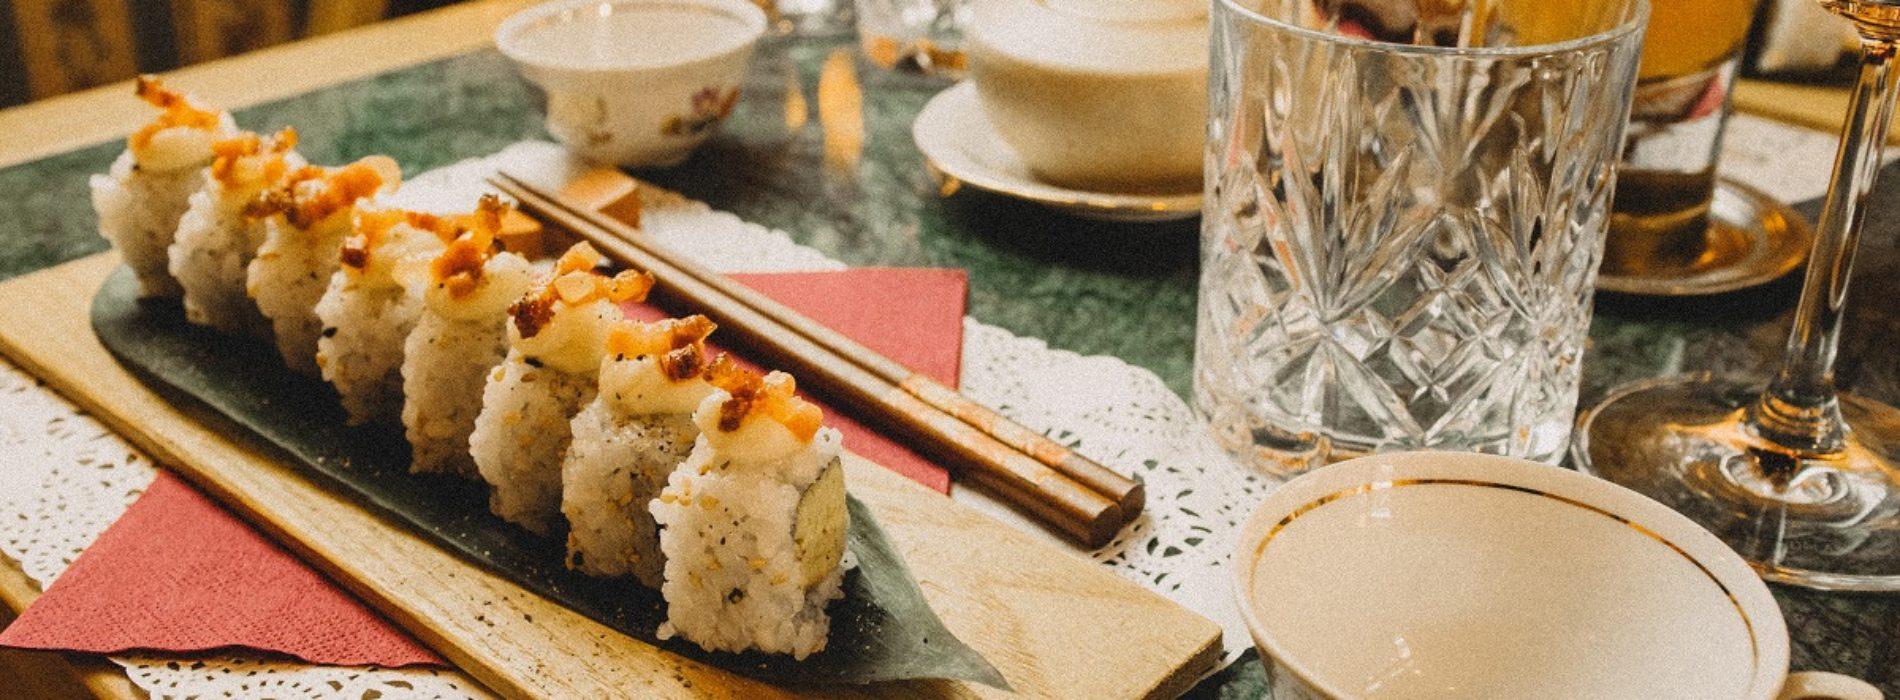 Gasperino Uramaki Roll, la ricetta dello chef Giordani di The Gipsy Bar